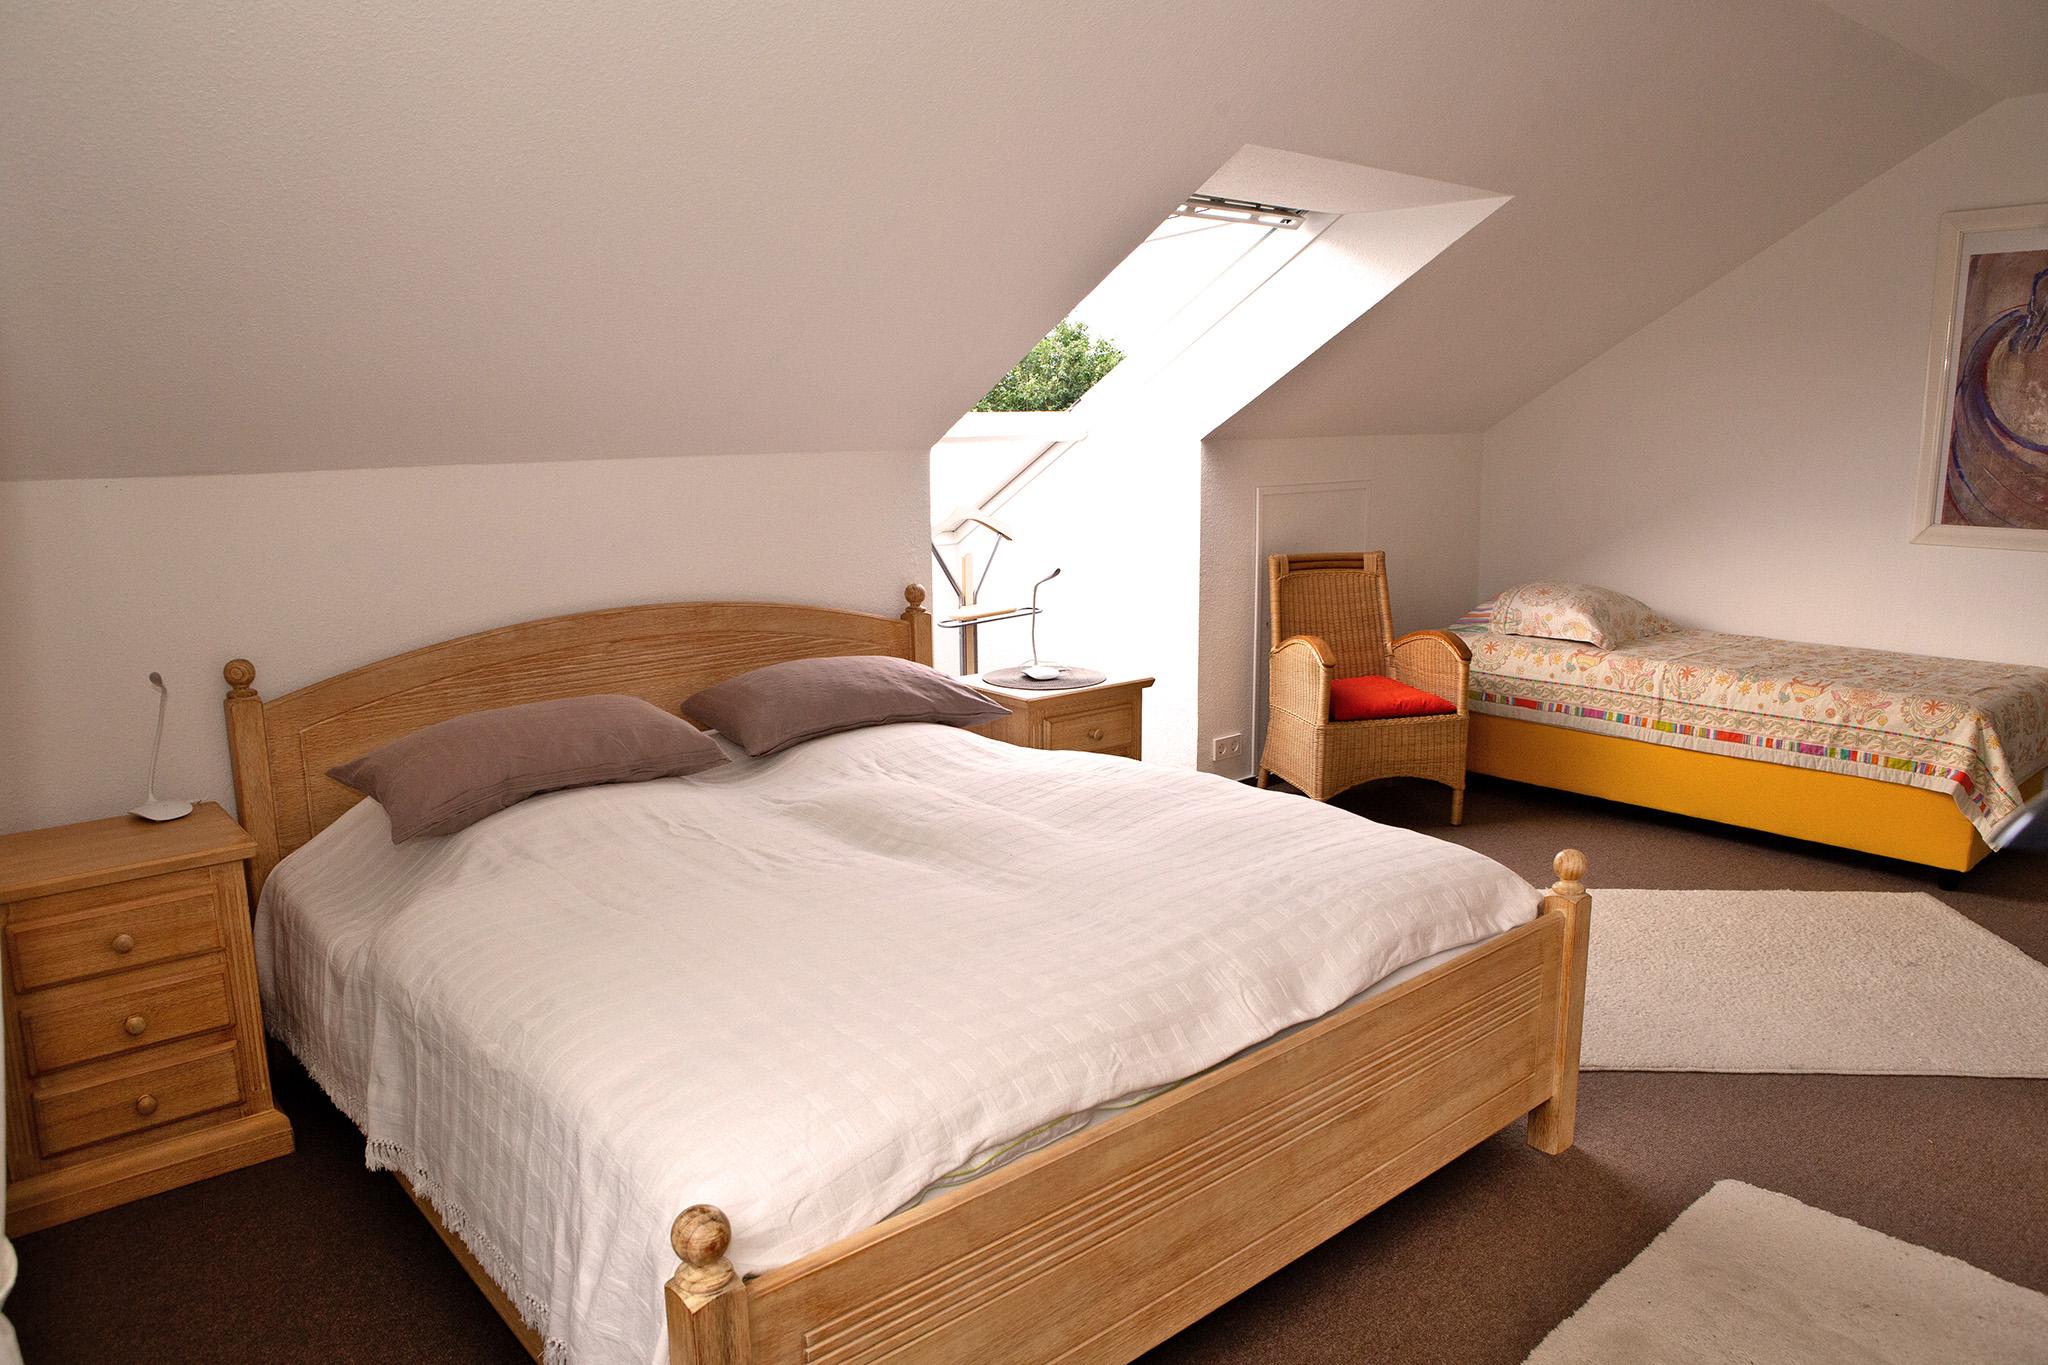 Ein Schlafzimmer für die erholsamen Nächte..